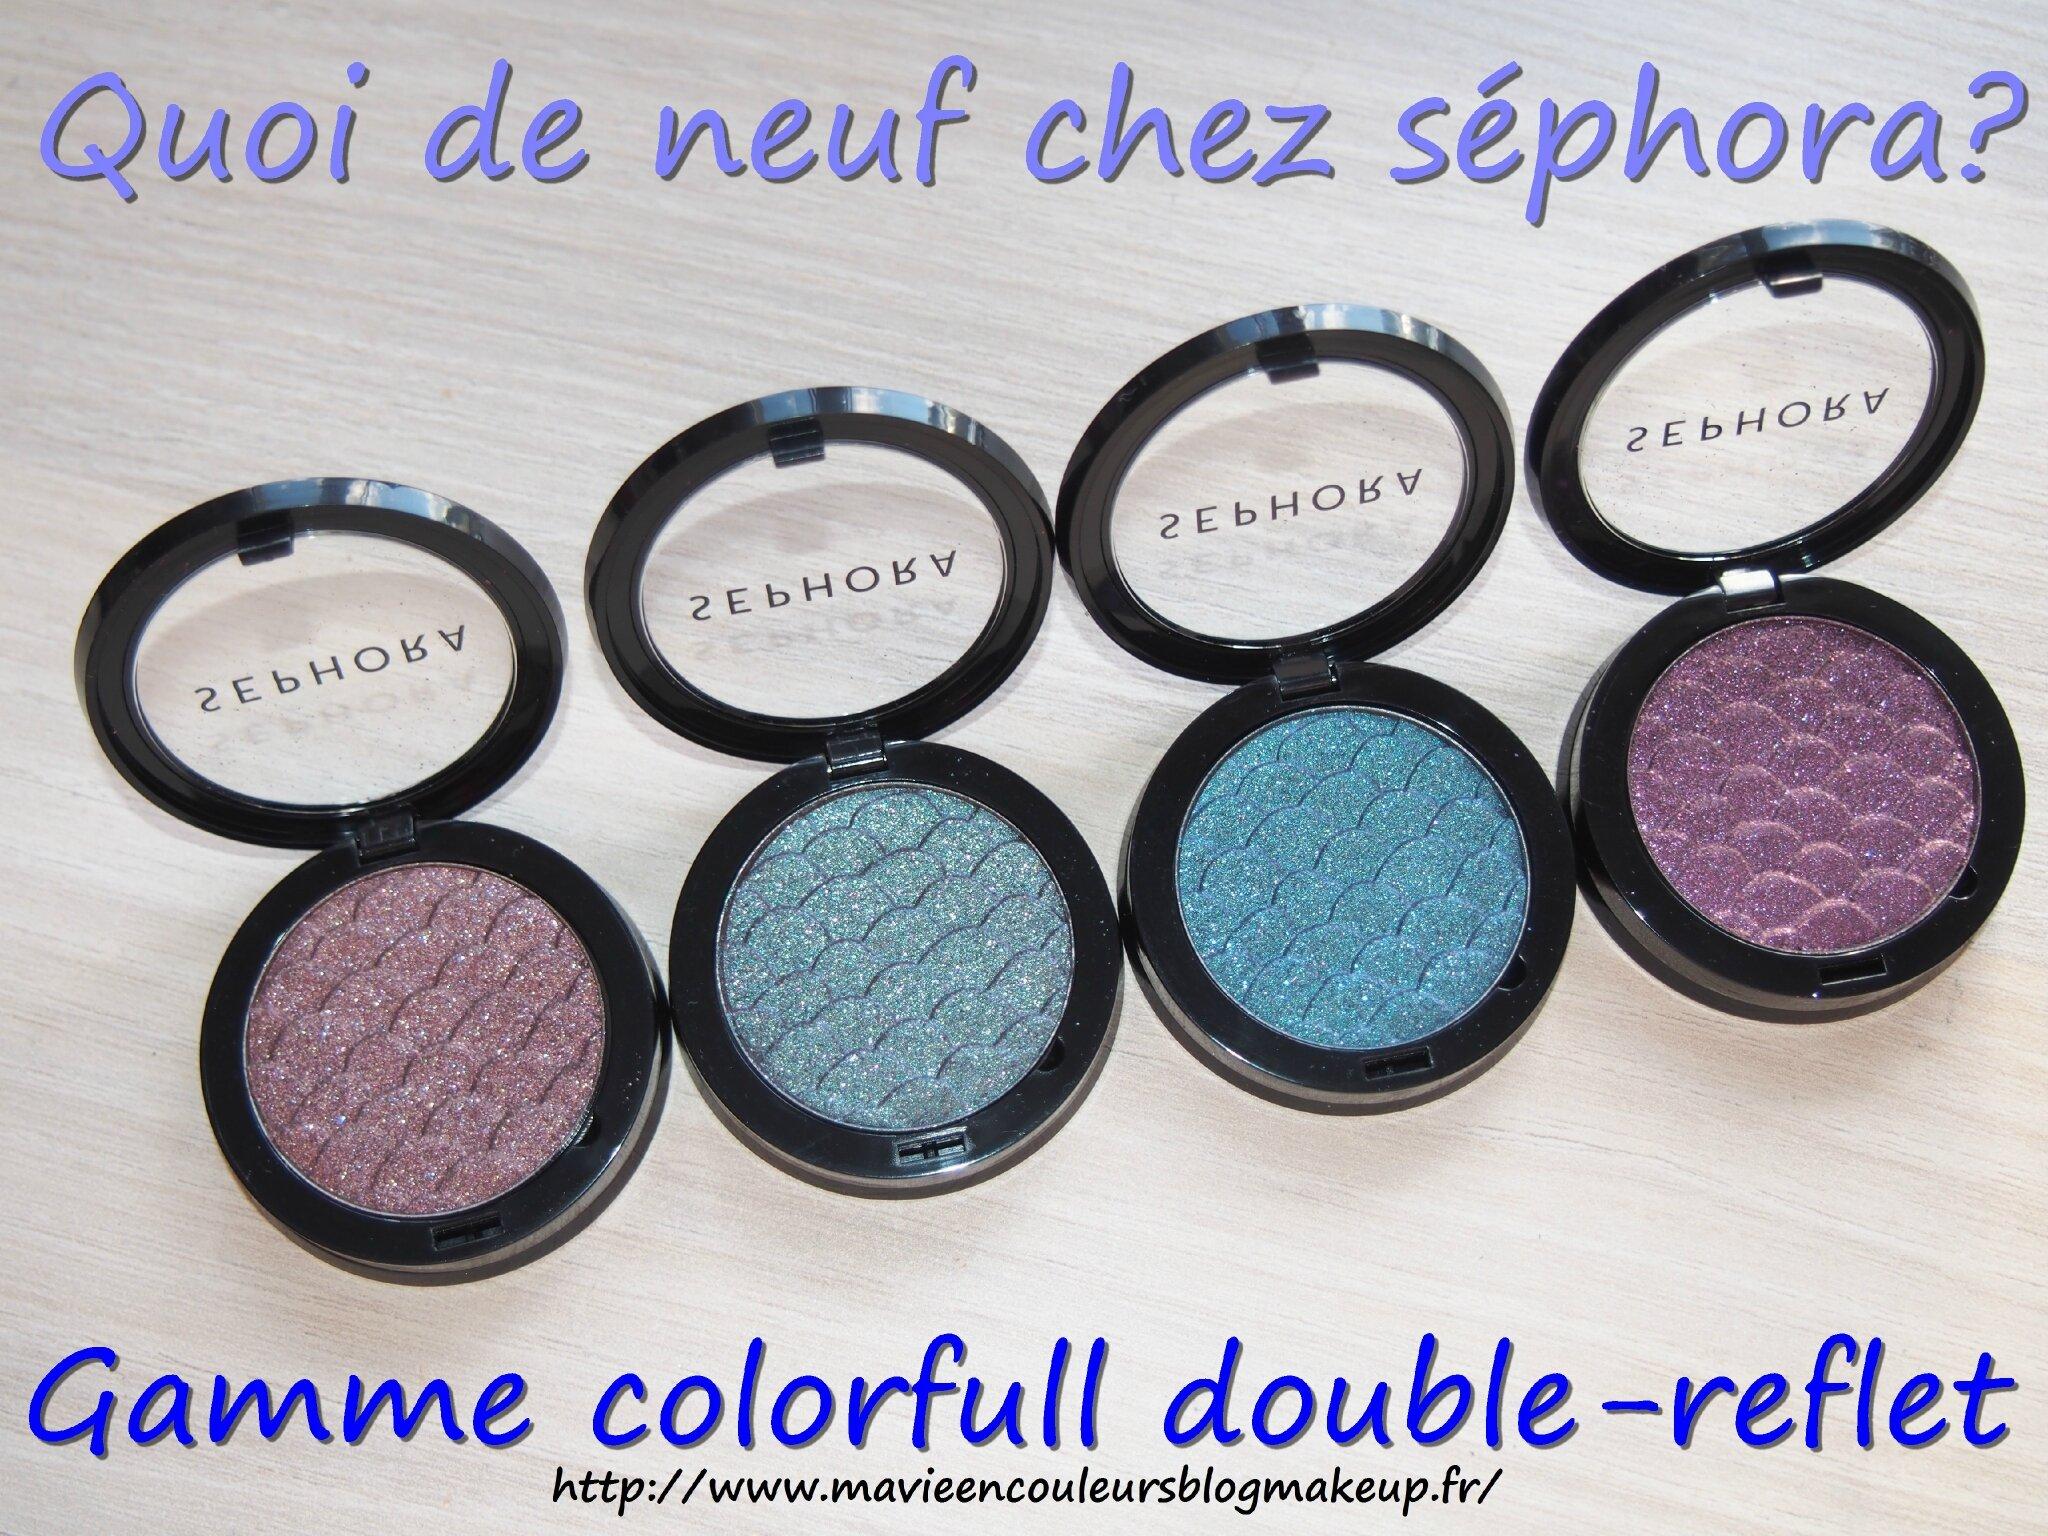 Collection colorful double reflet de séphora,ça donne quoi? .